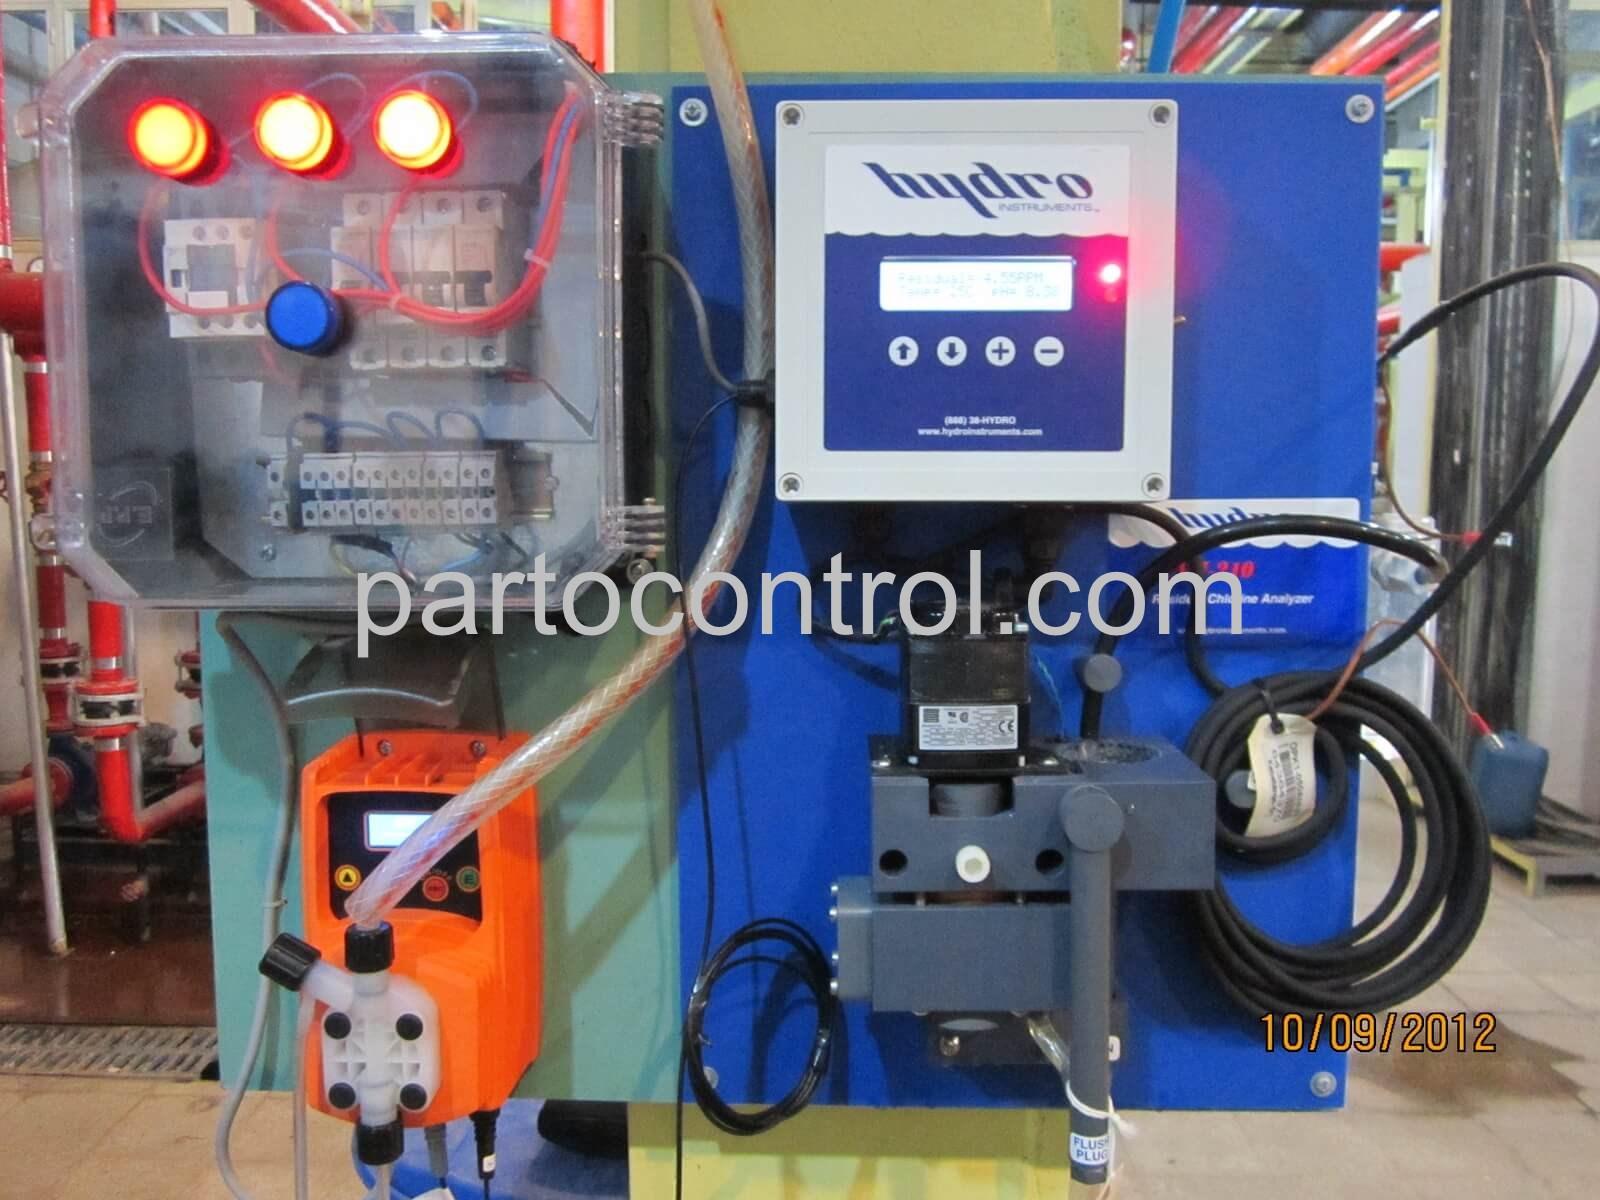 Liquid chlorine of Tarsht Power Plantکلرزن مایع نیروگاه طرشت 3 - پروژه کلرزن مایع